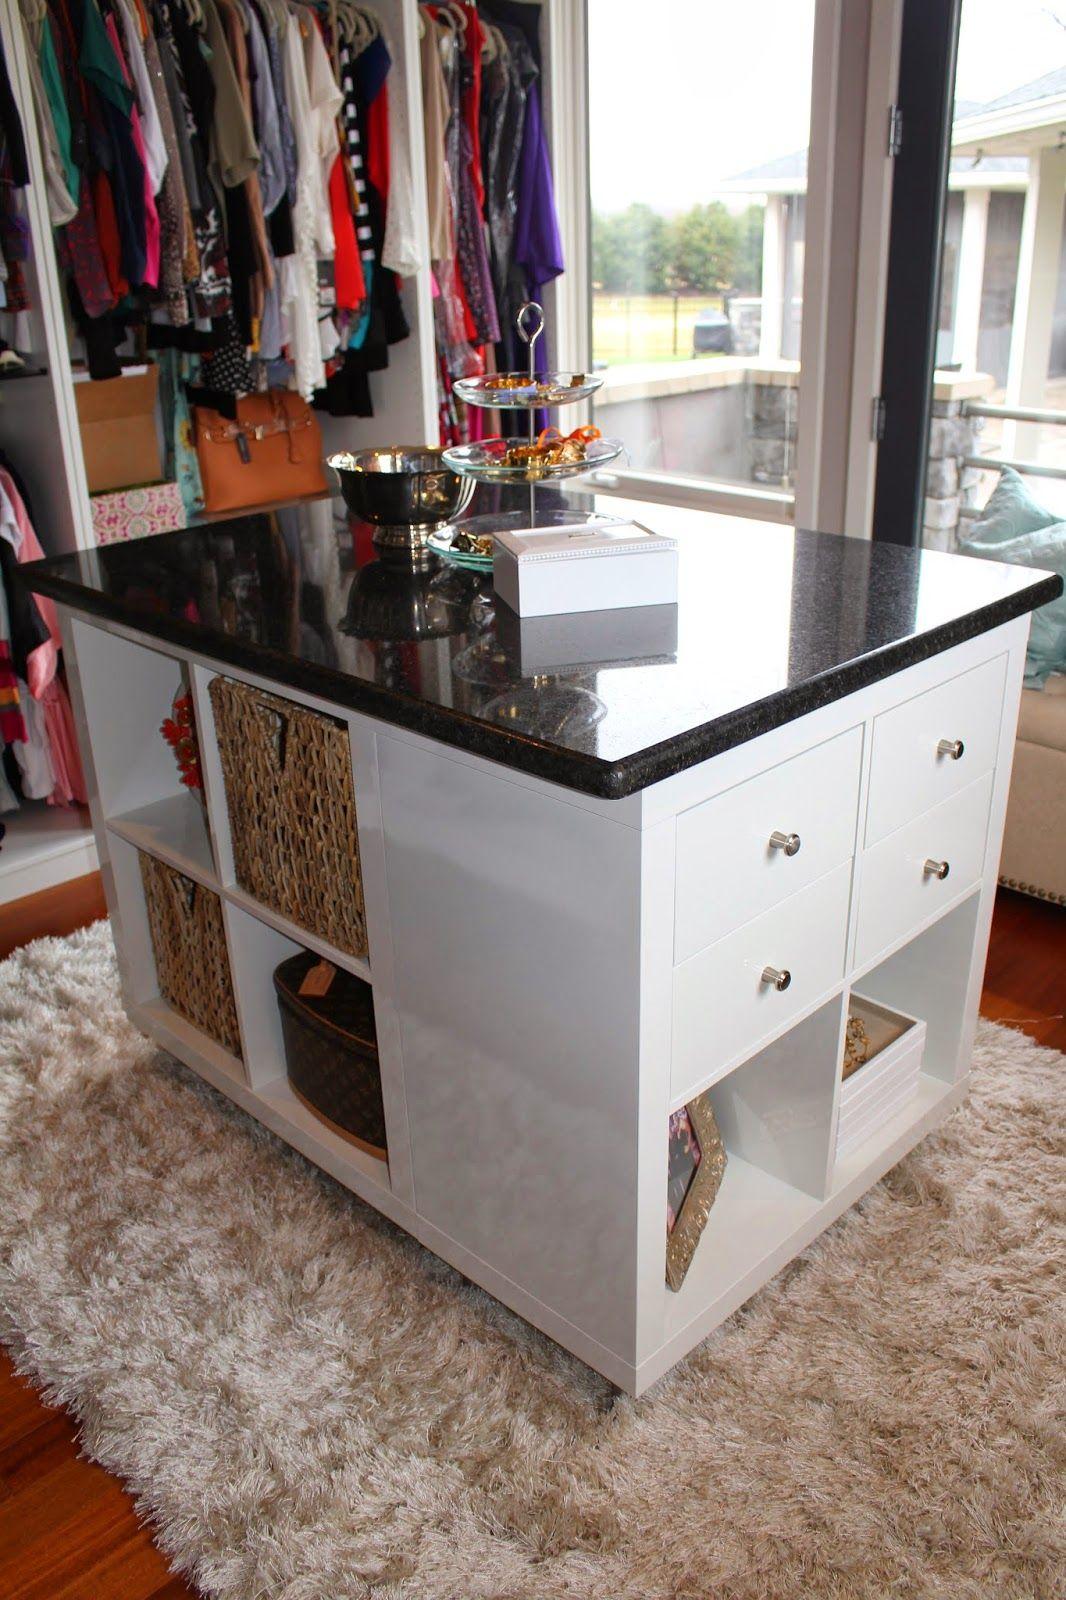 schrank insel  IKEA  Pinterest  Inseln Schrnkchen und Ankleidezimmer